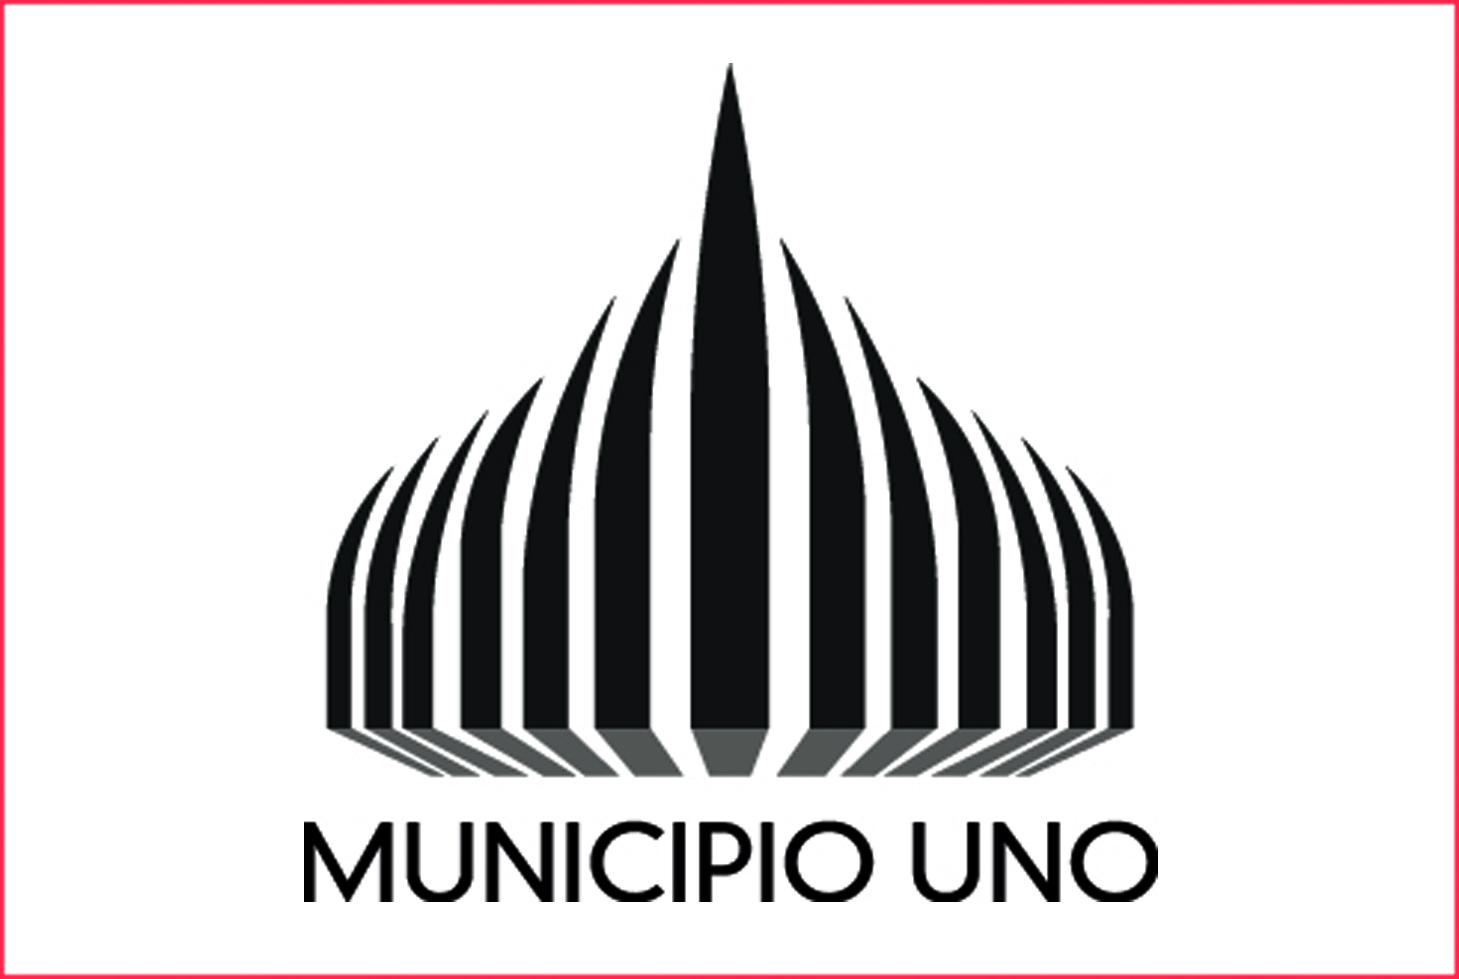 comune milano municipio uno centro storico